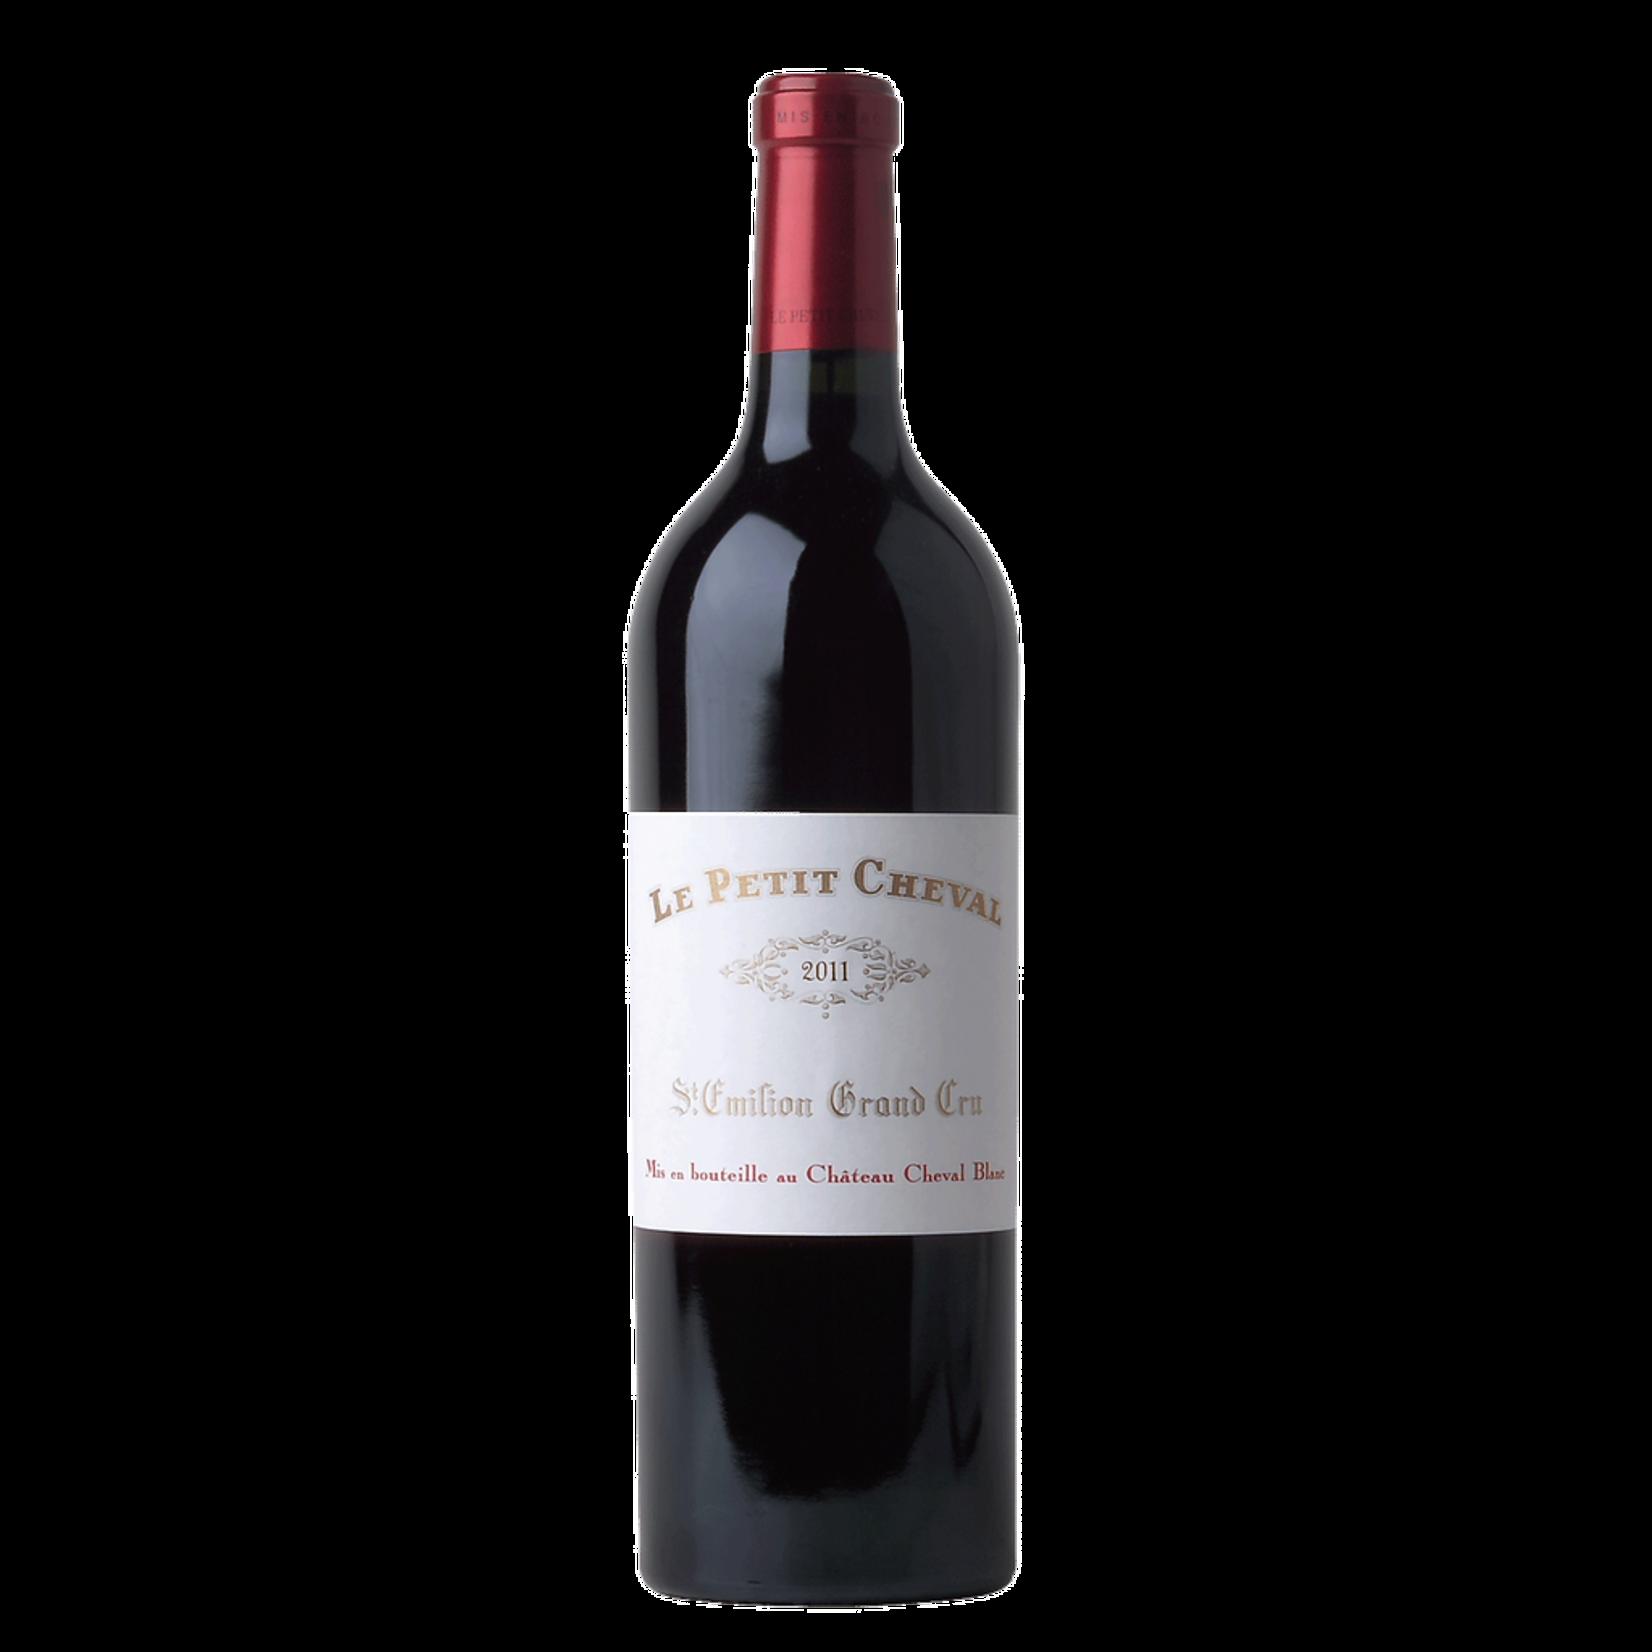 Wine Le Petit Cheval Saint Emilion 2011